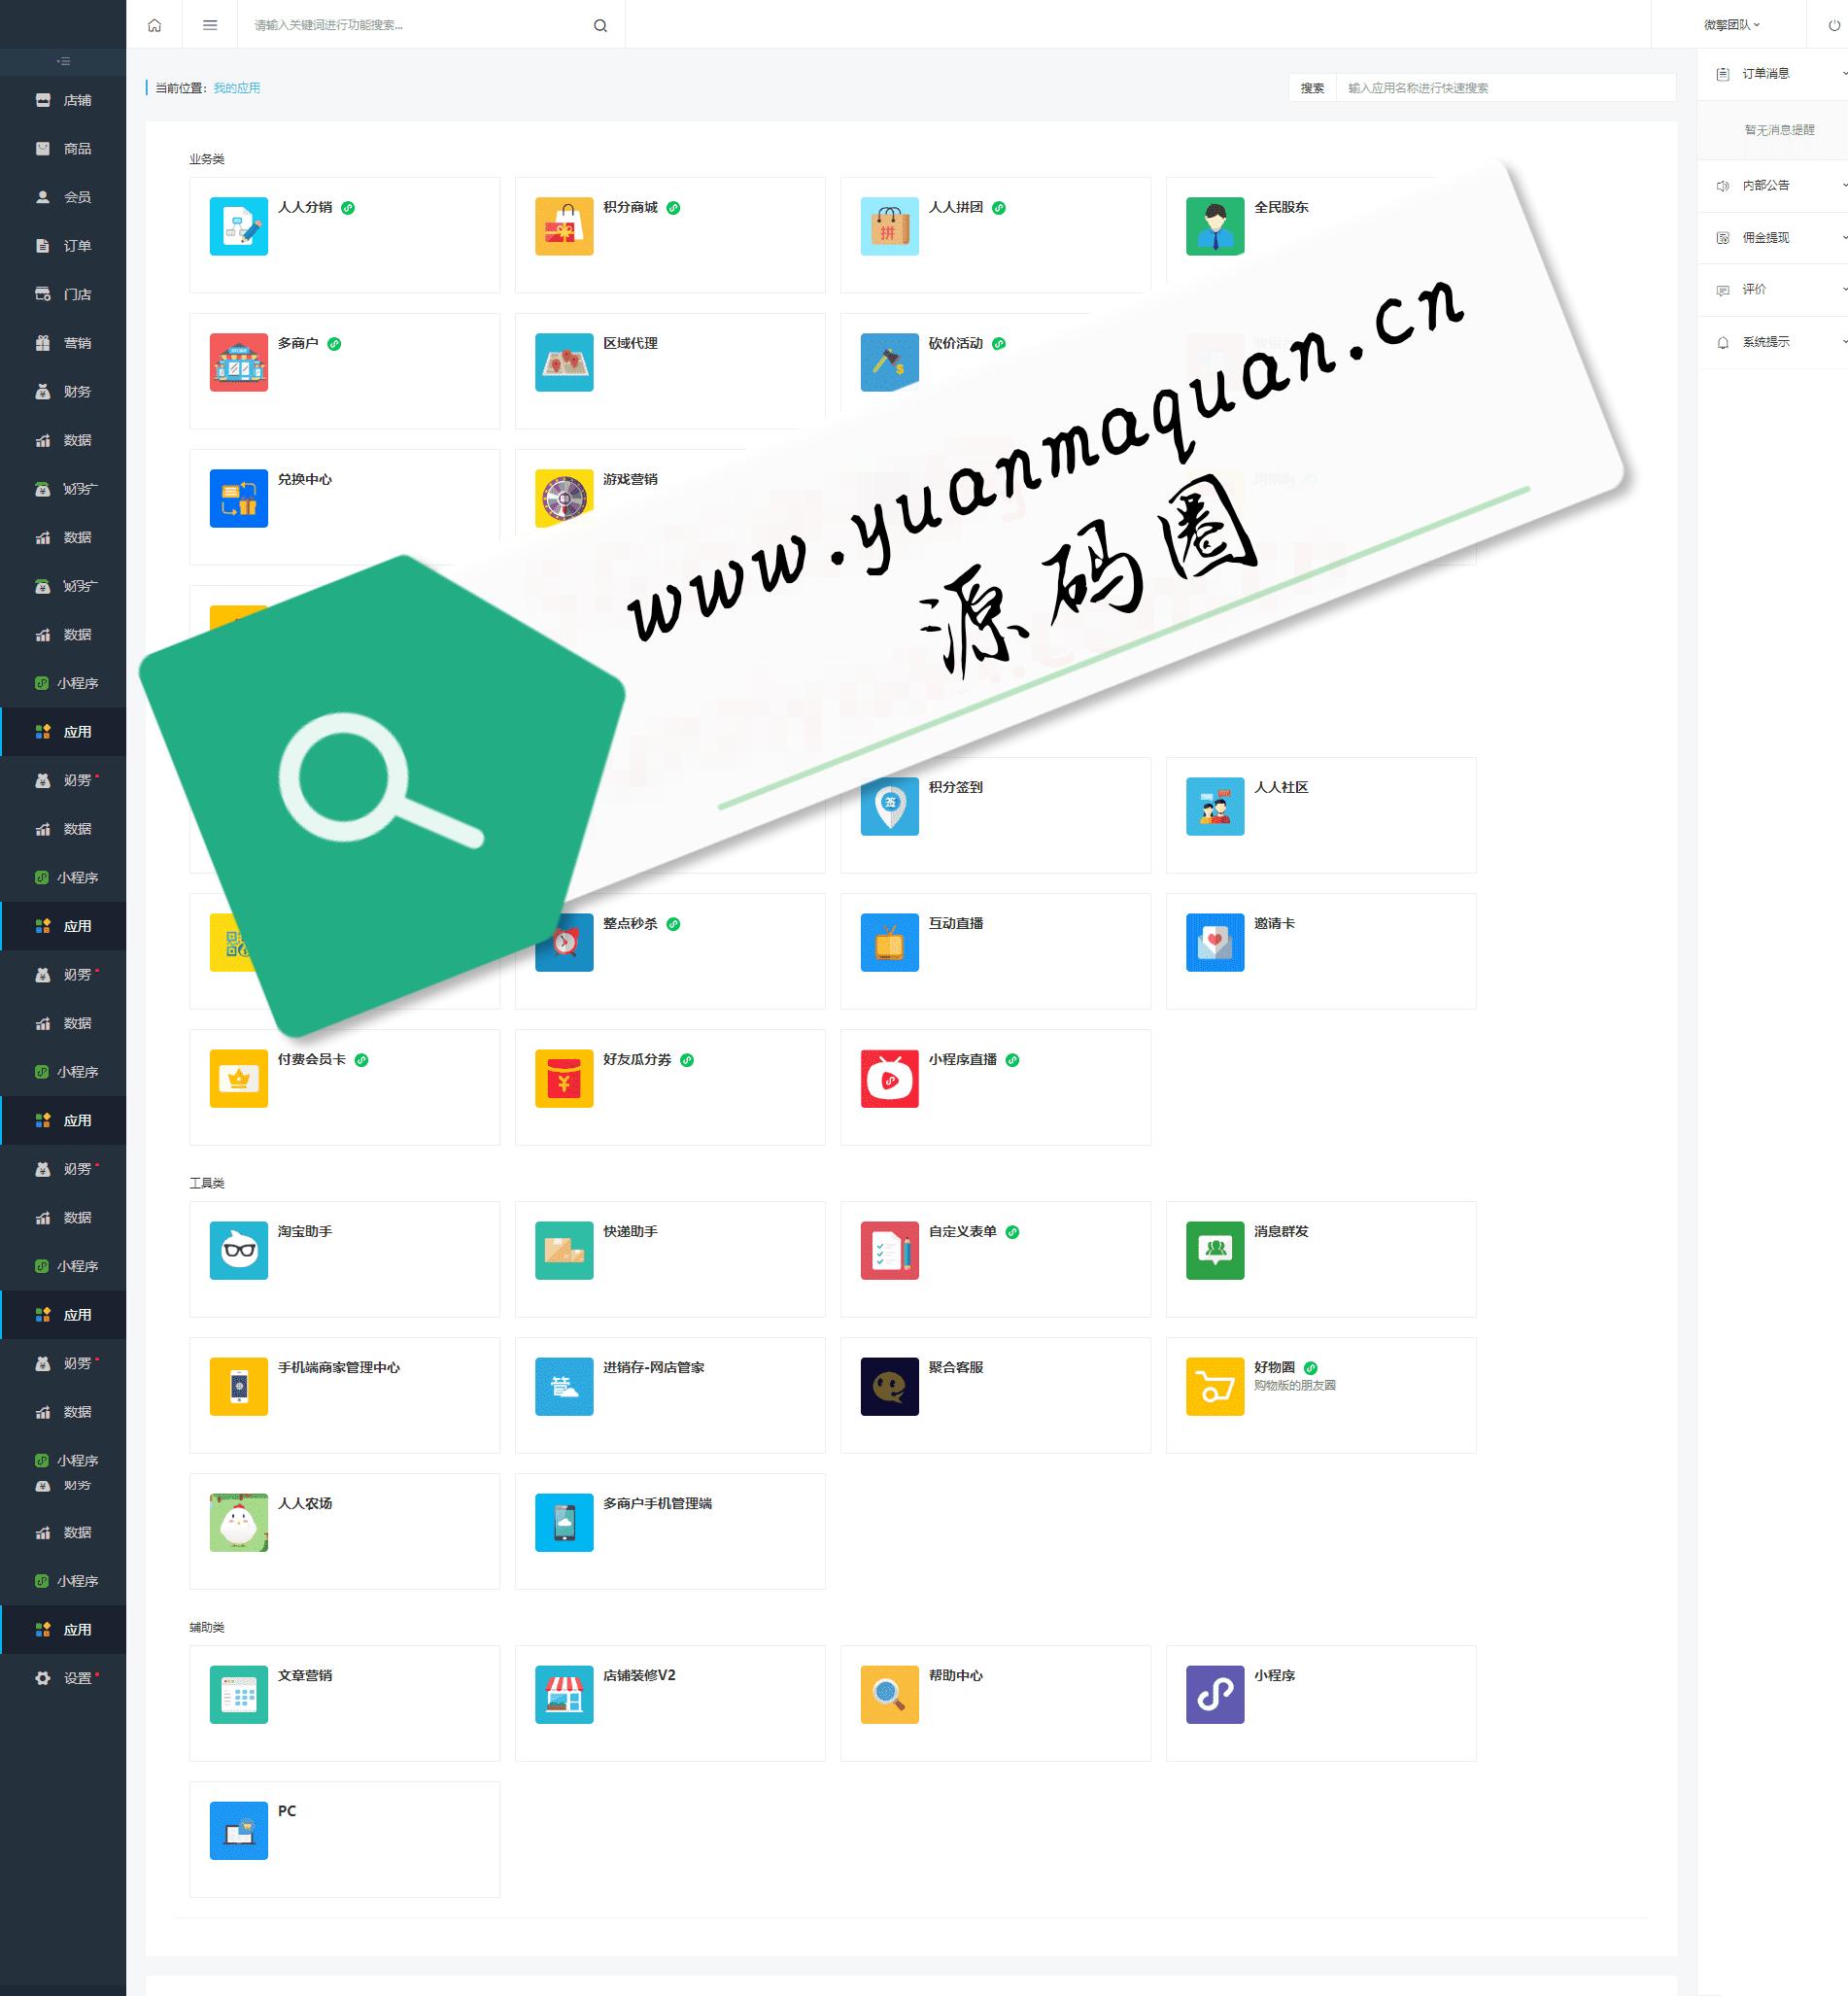 最新版人人商城V3.22.2 完全开源版